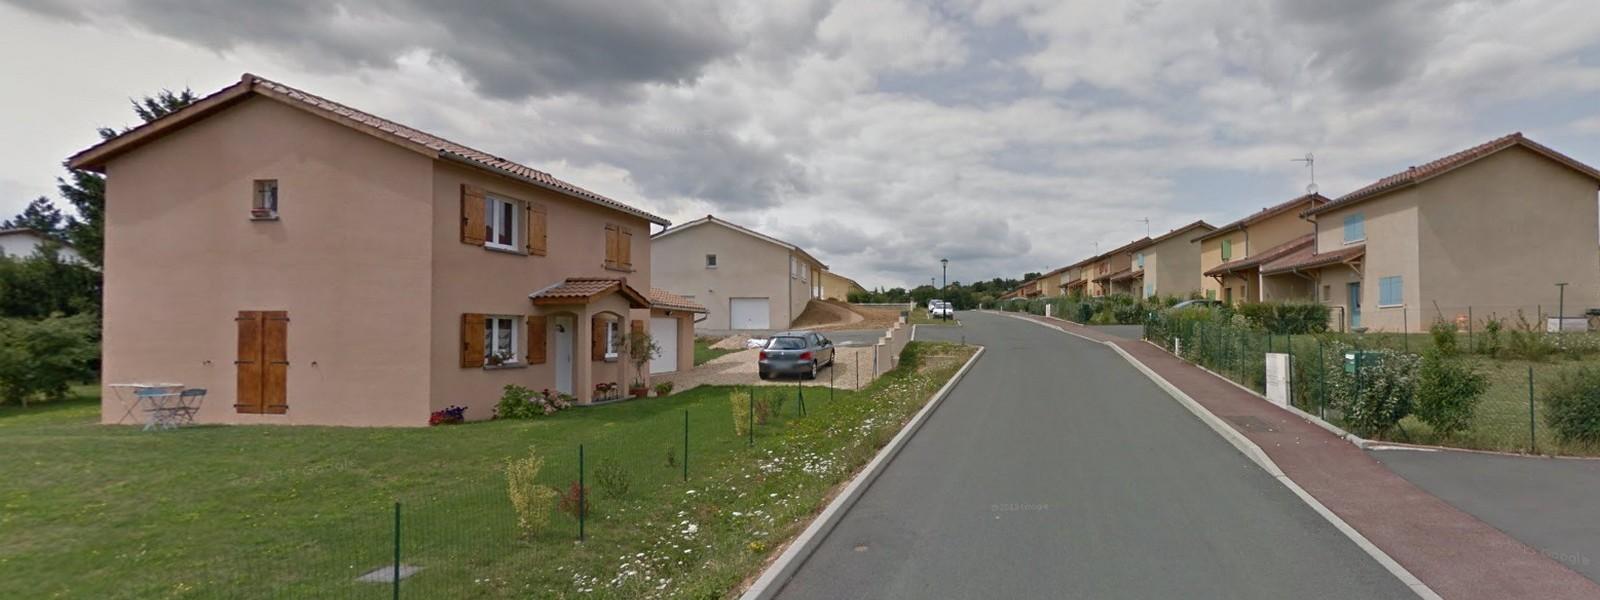 LES ARGUILLONS - Visuel 2 - Impact immobilier 01